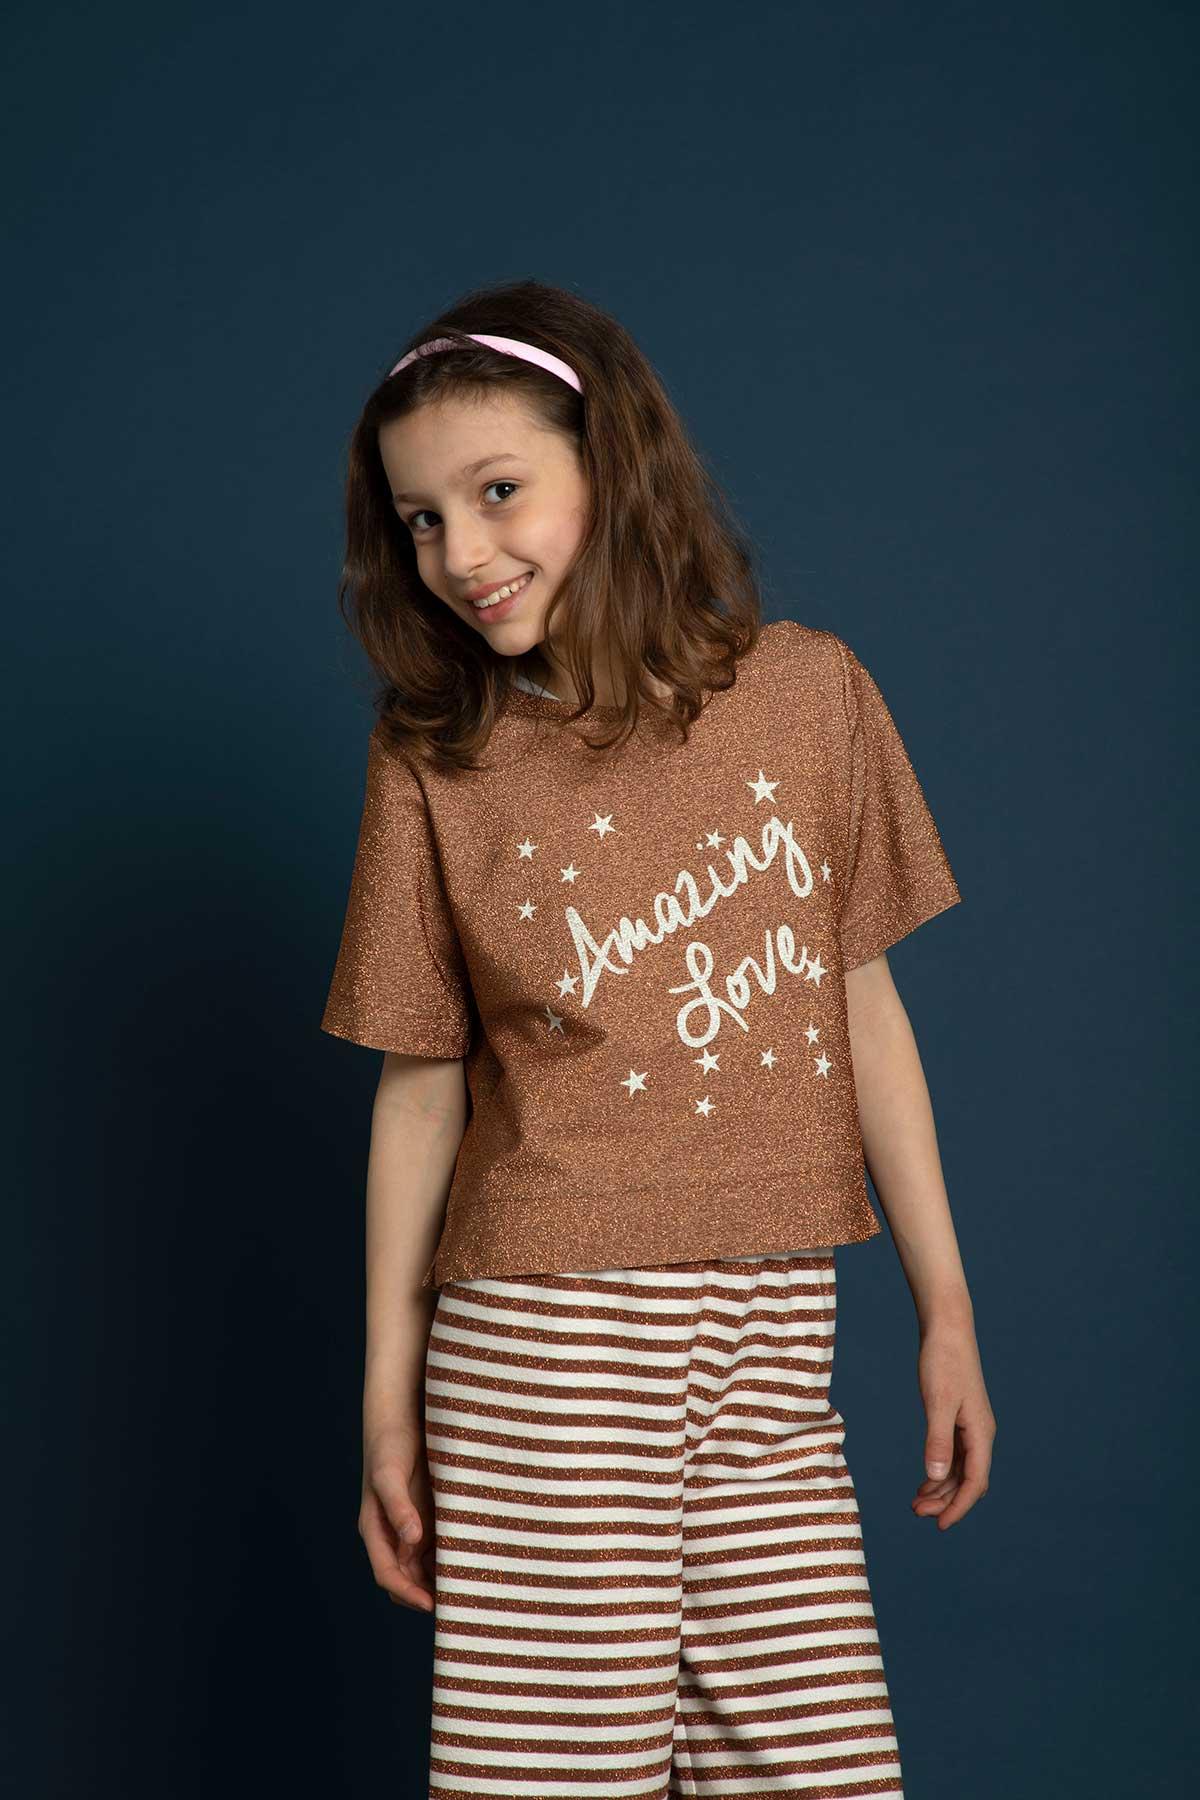 5558837aa8a7 O Dett - Negozio online di Abbigliamento Donna